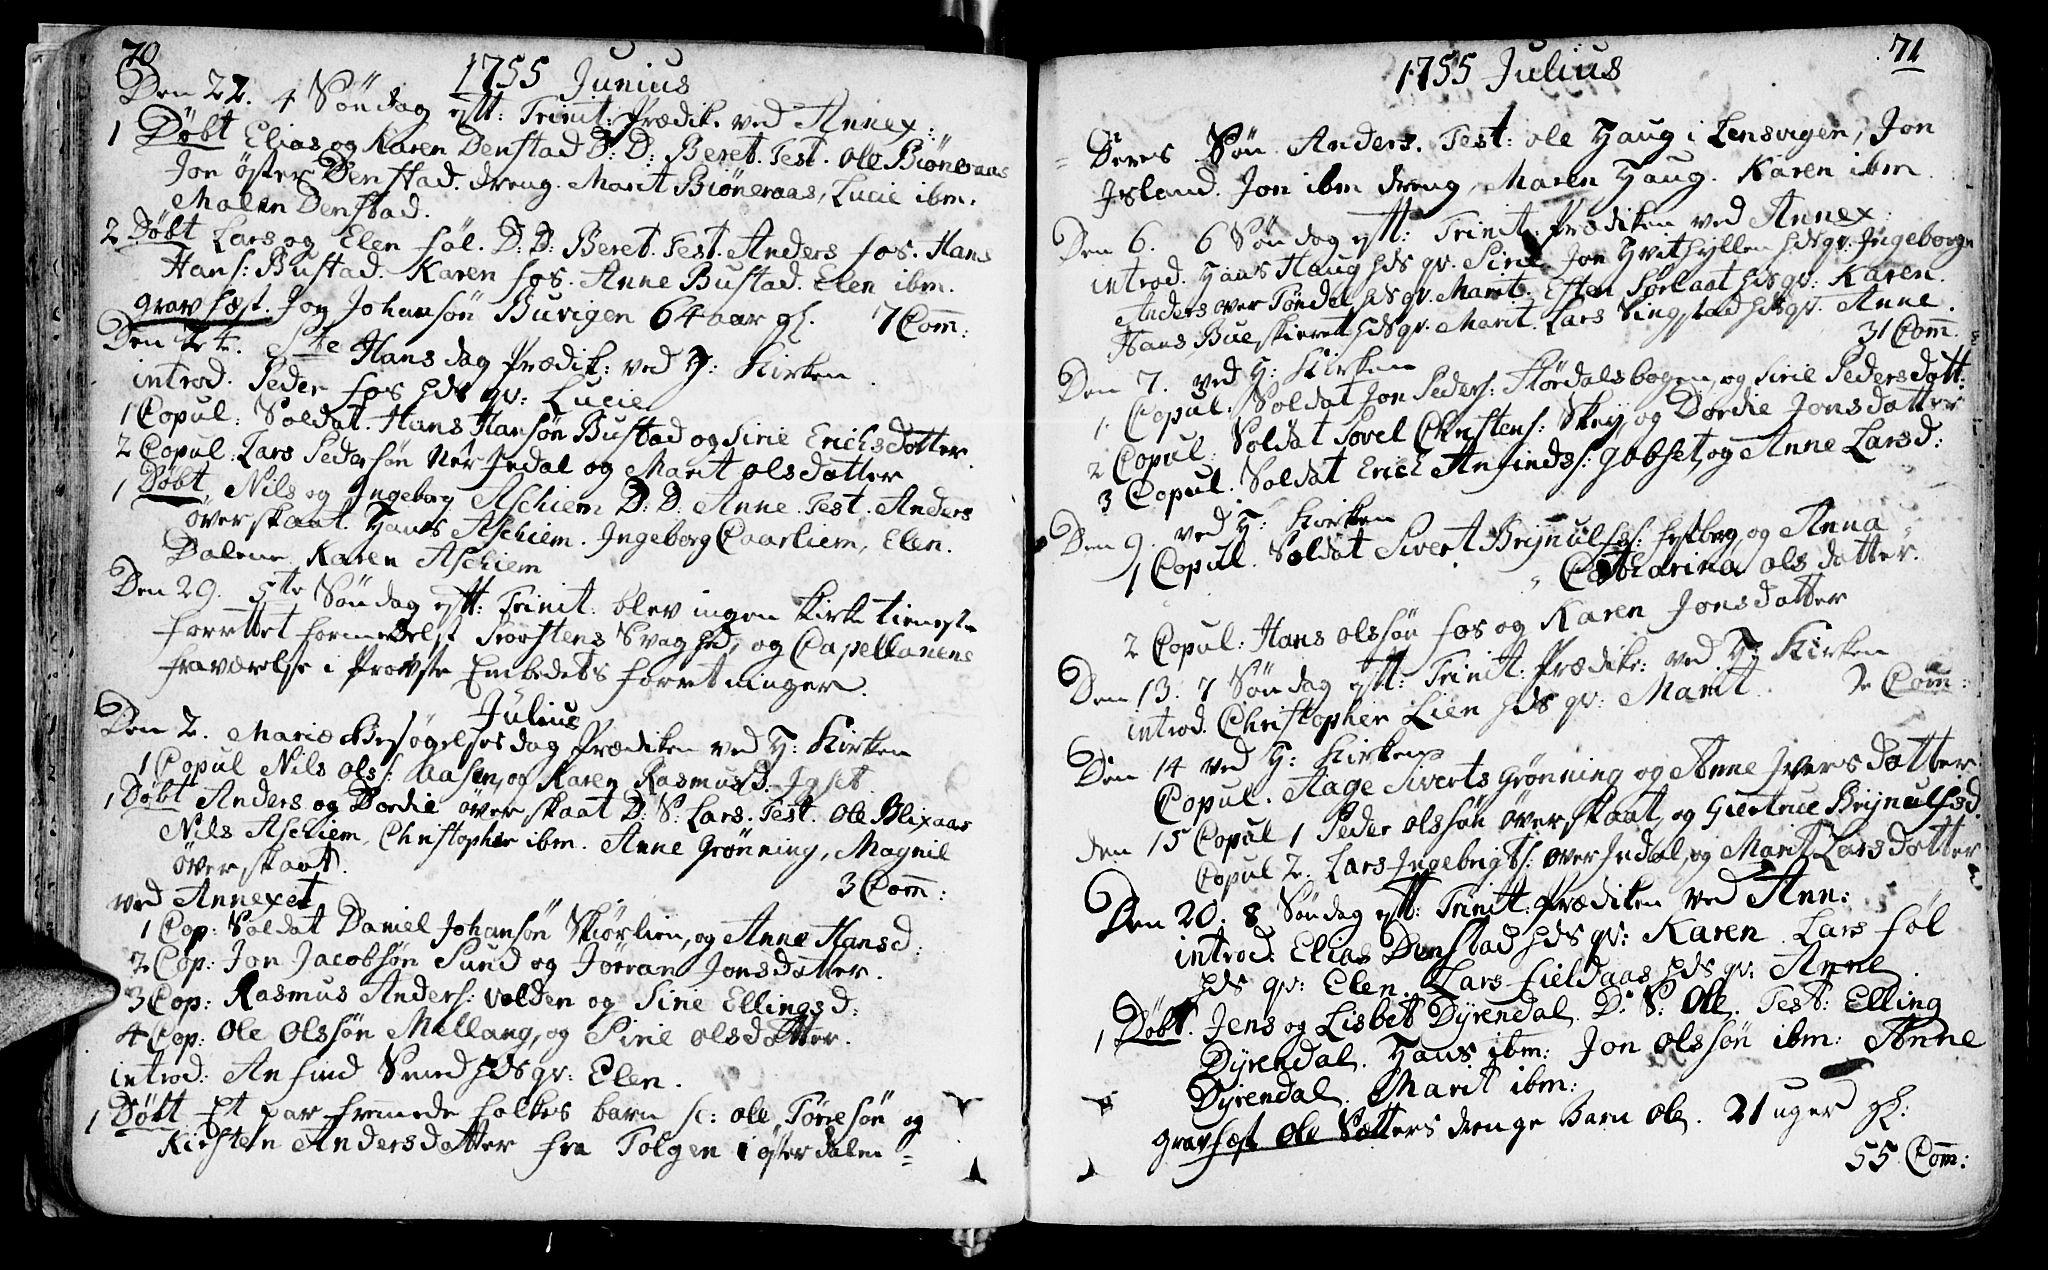 SAT, Ministerialprotokoller, klokkerbøker og fødselsregistre - Sør-Trøndelag, 646/L0605: Ministerialbok nr. 646A03, 1751-1790, s. 70-71